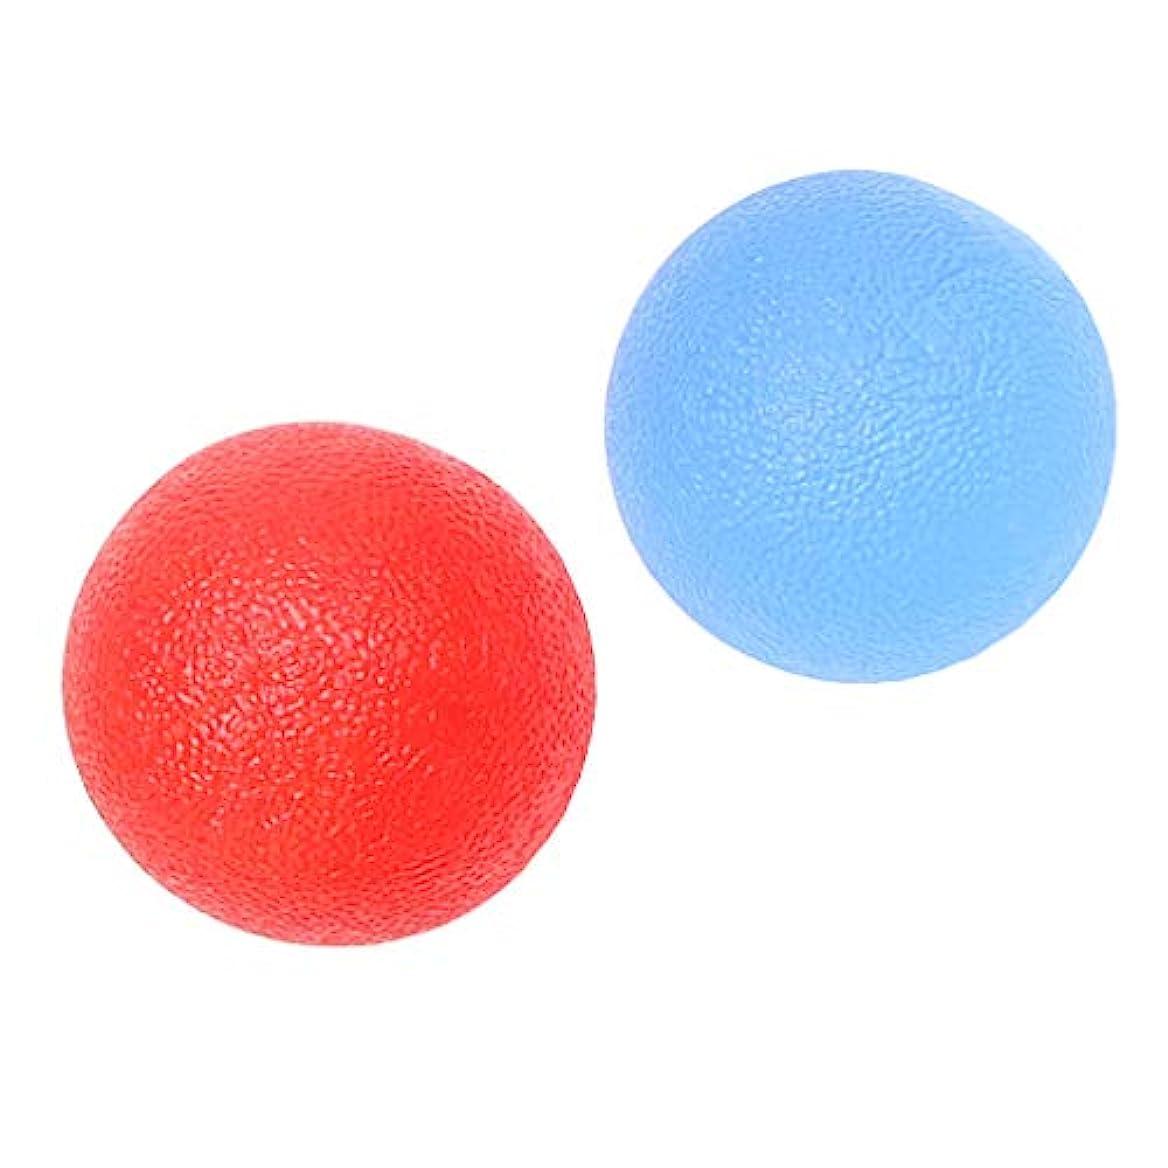 追い越す伝記パラシュートハンドエクササイズボール ハンドグリップ シリコン 指トレーニング ストレス緩和 贈り物 2個入